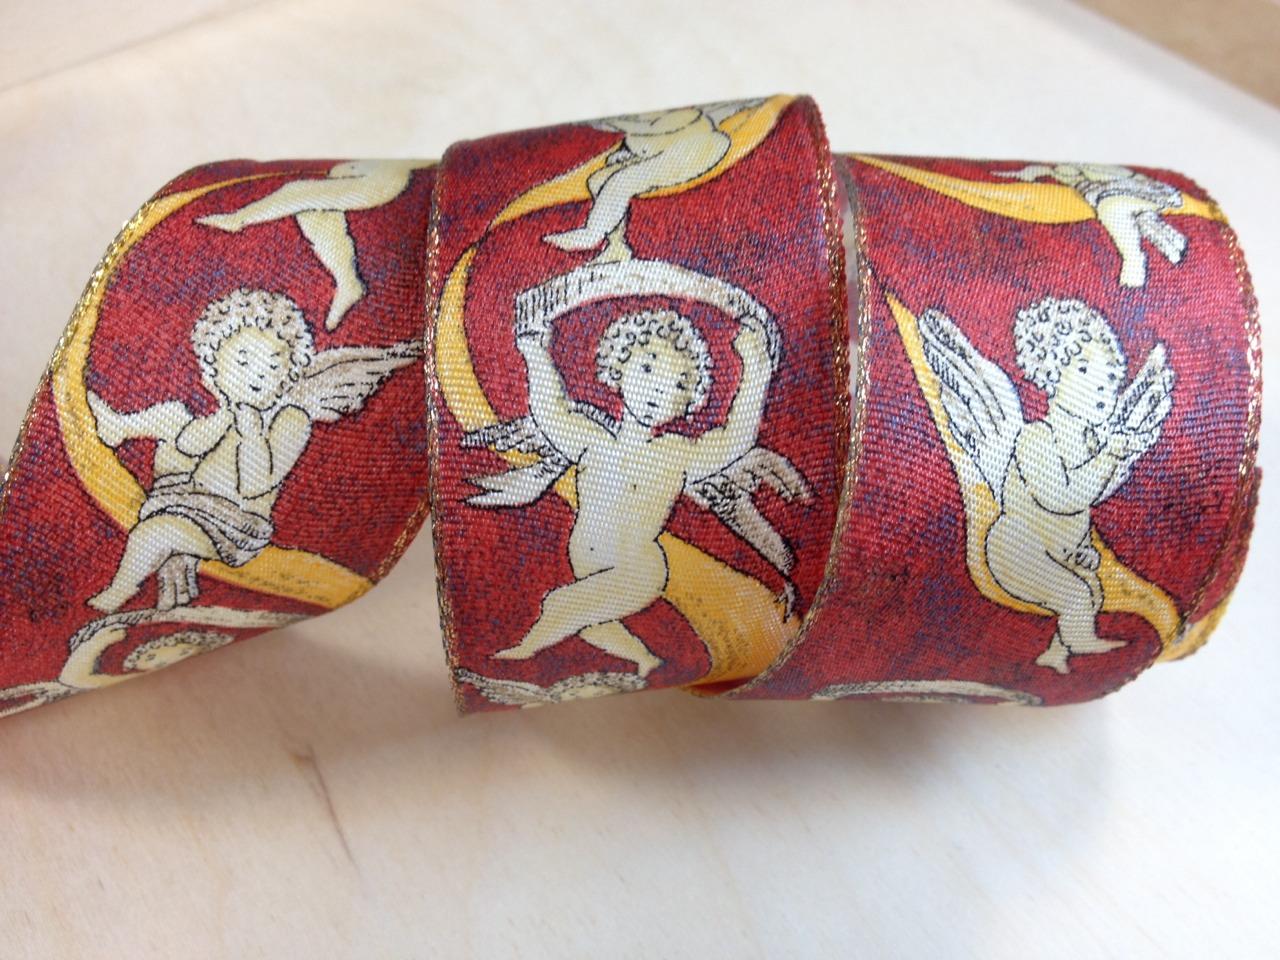 超級限量特價 文藝復興 天使畫作 限量珍品緞帶